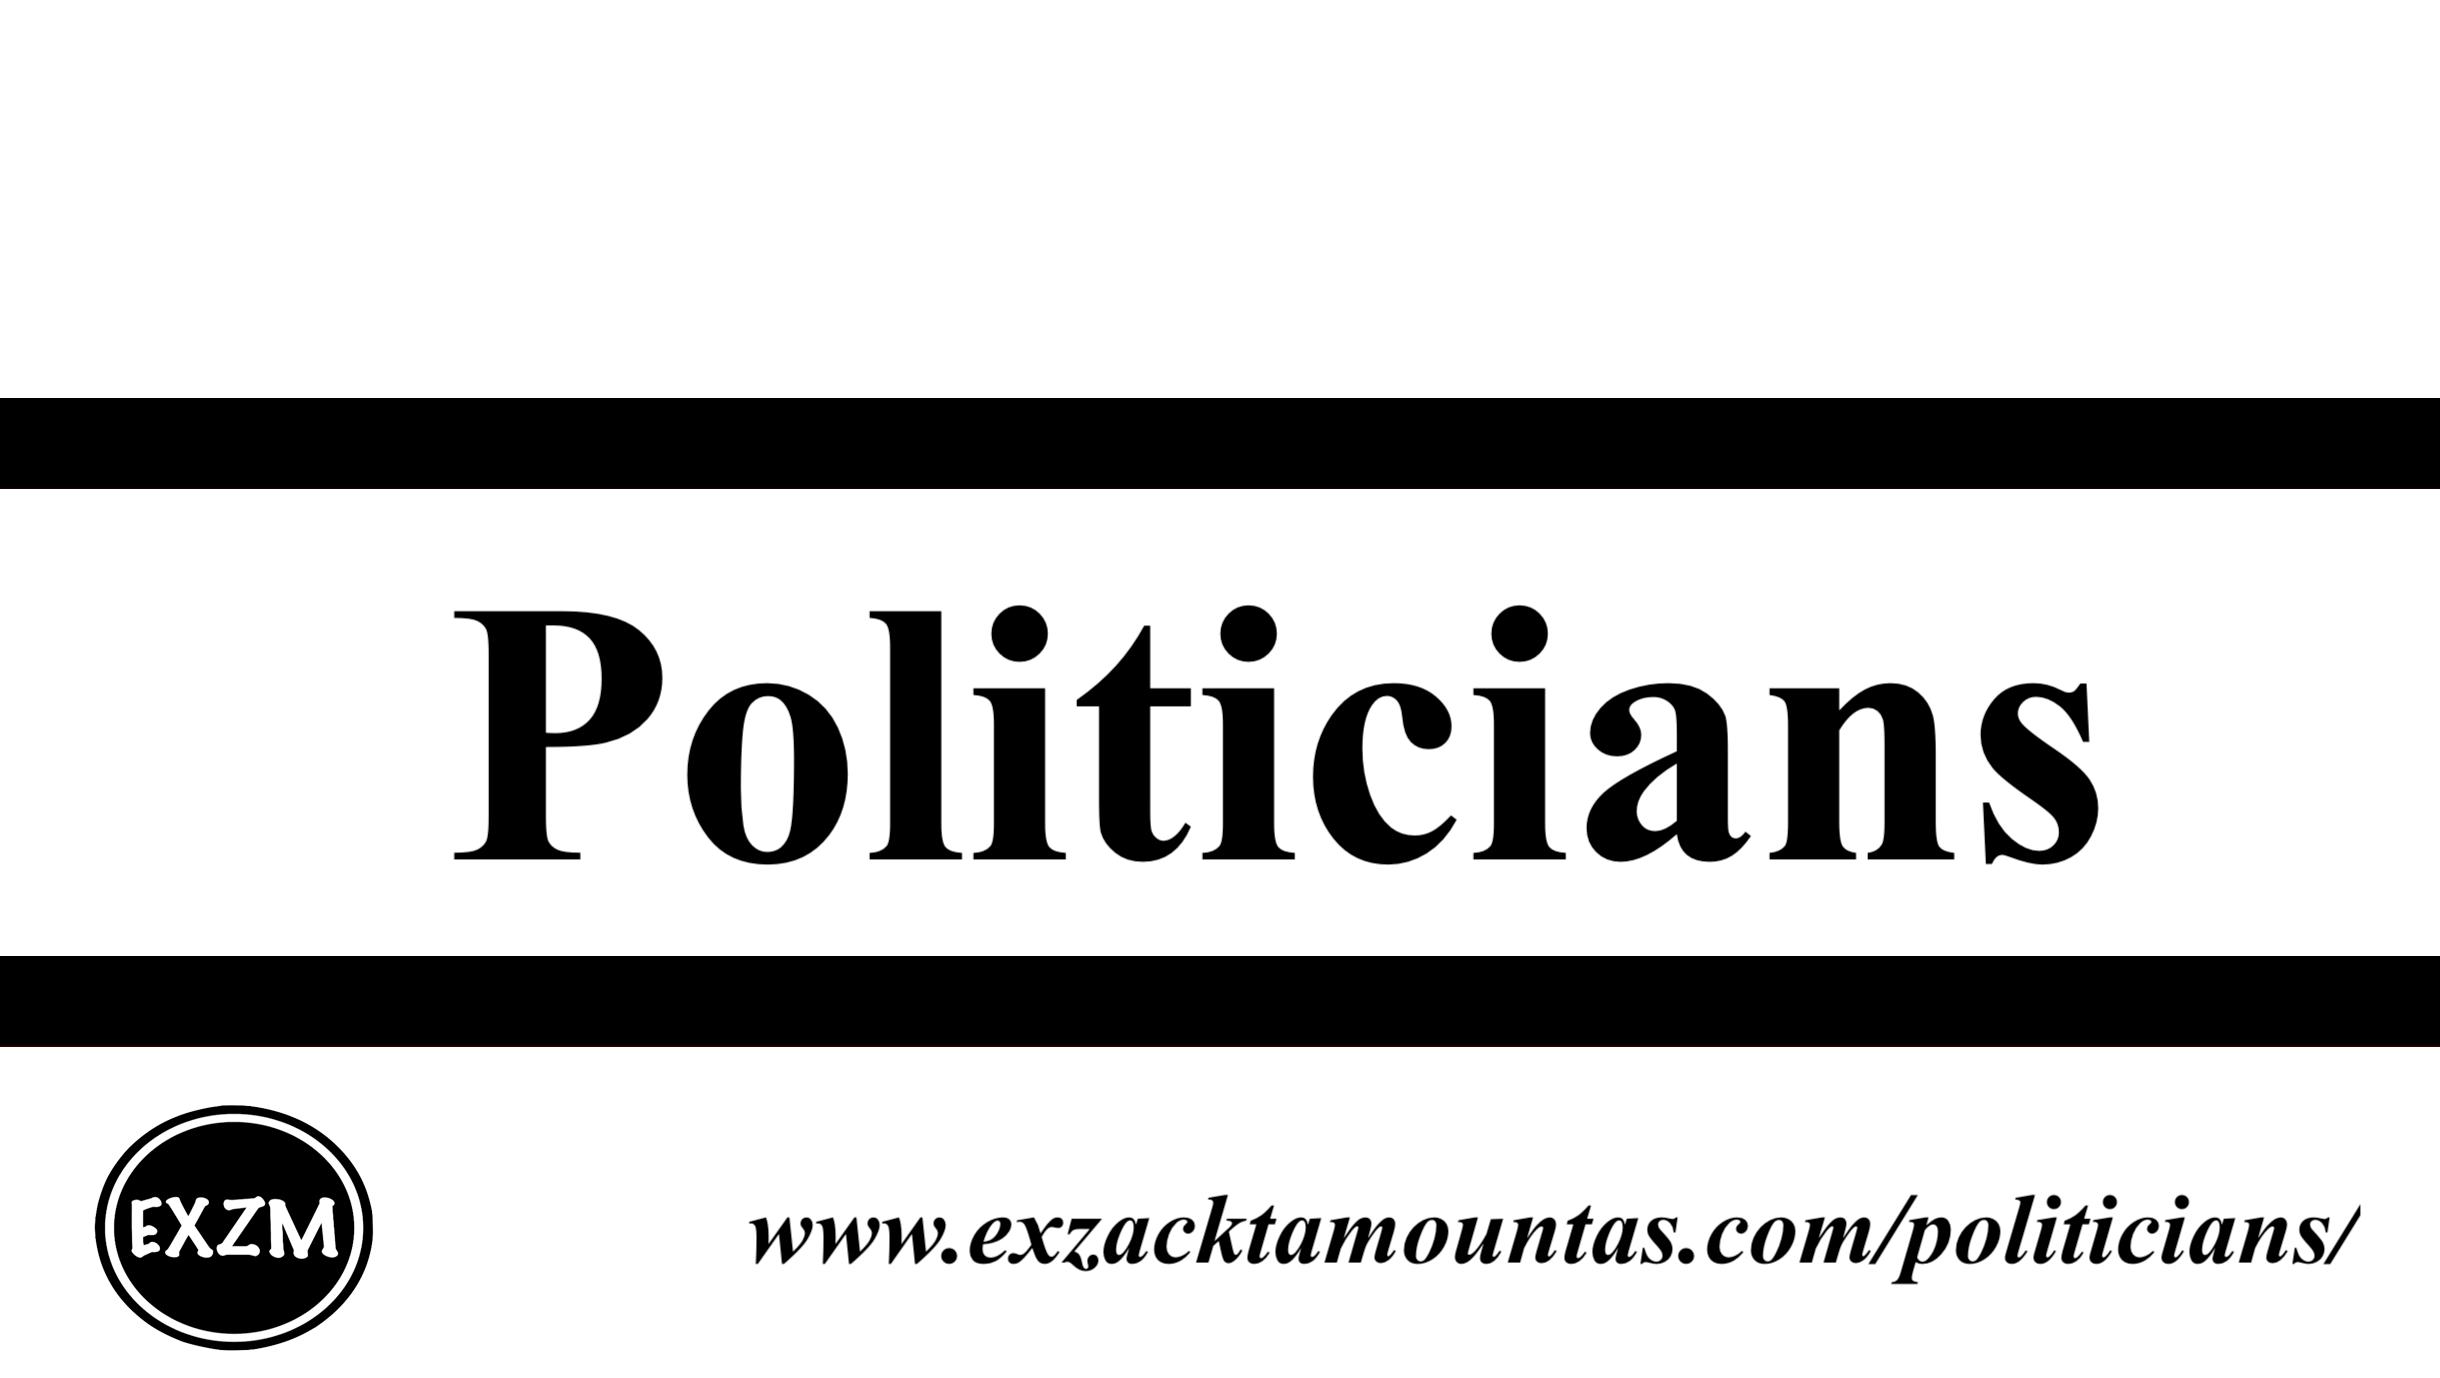 Politicians EXZM 10 11 2019 1